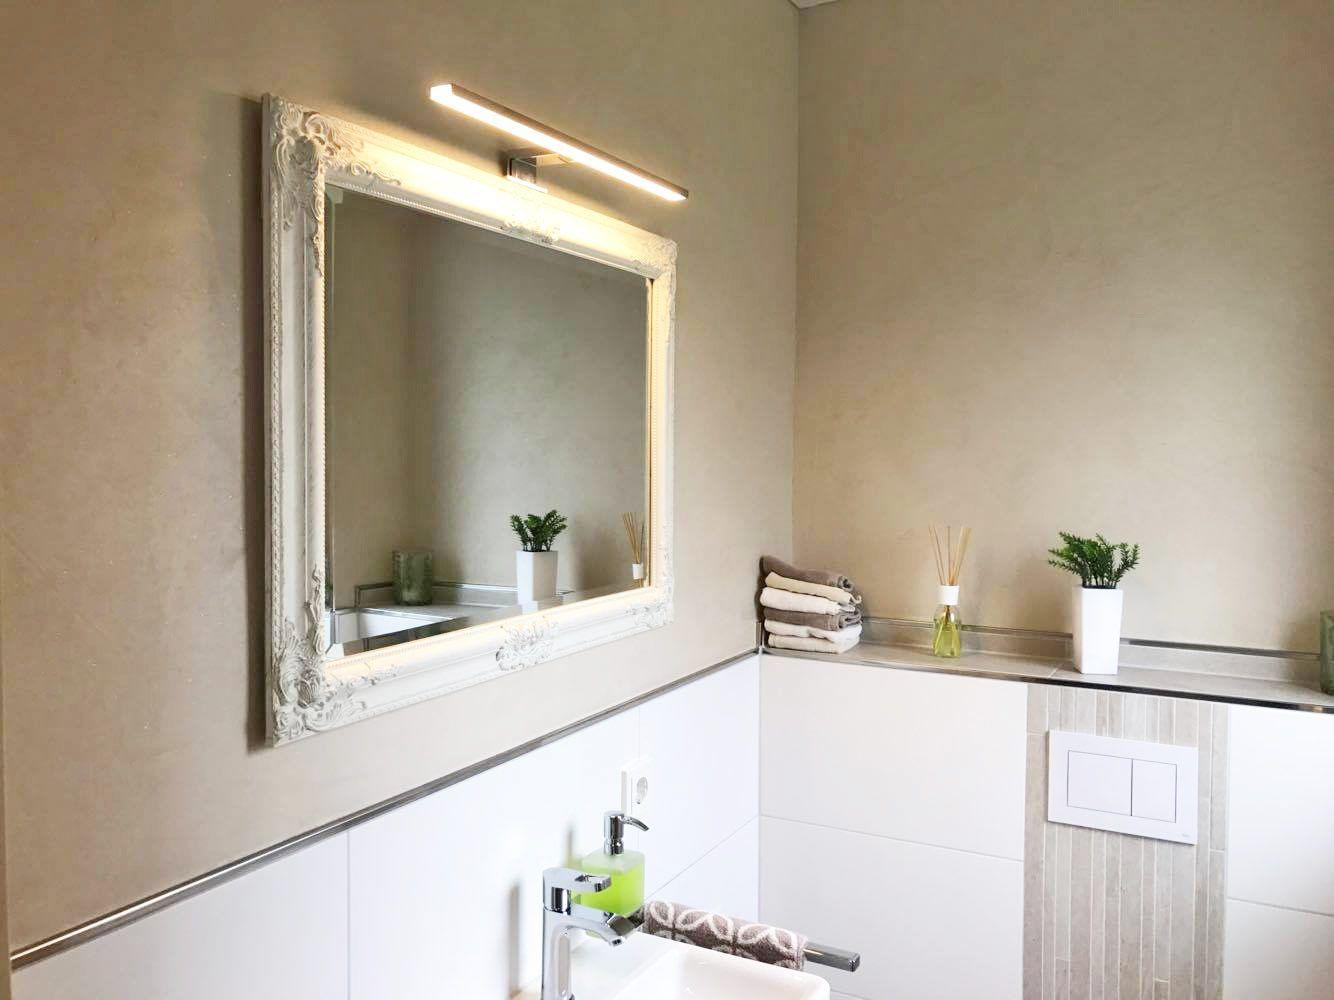 Neues Gäste-WC | HSI Steinfurt – Heizung-Sanitär Installation ...